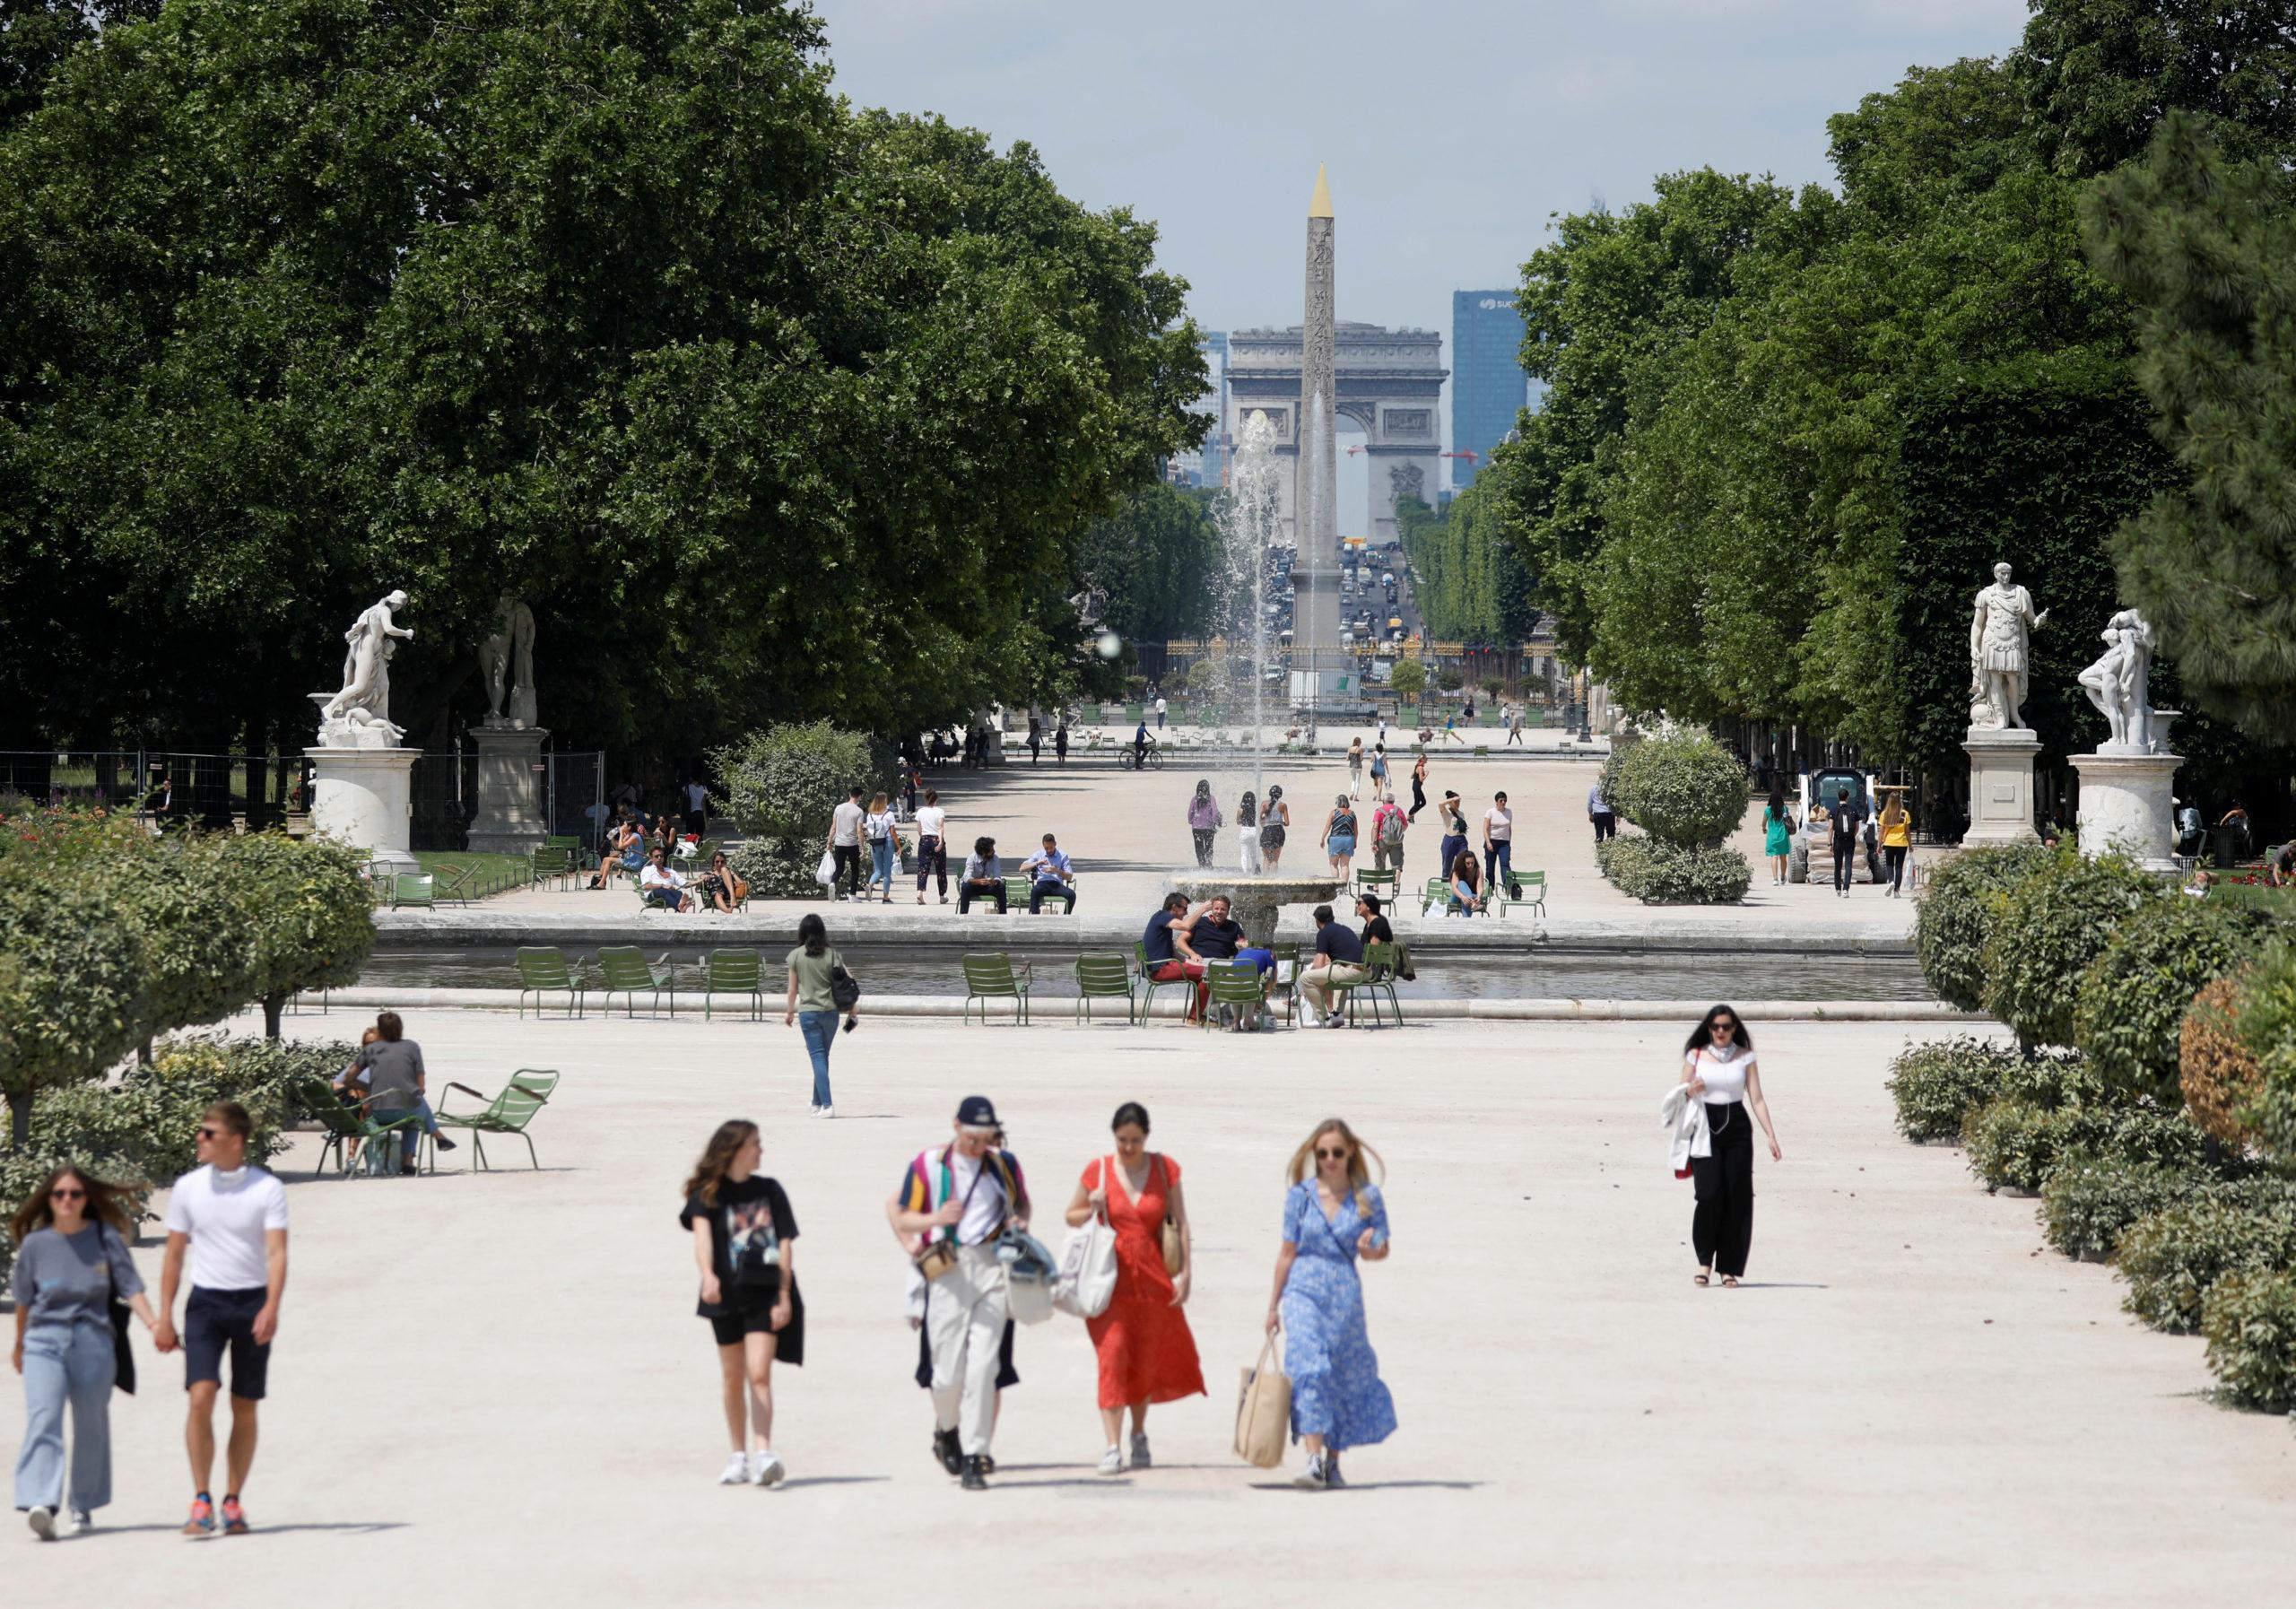 CORONAVIRUS: L'ÉPIDÉMIE EST SOUS CONTRÔLE EN FRANCE, SELON DELFRAISSY